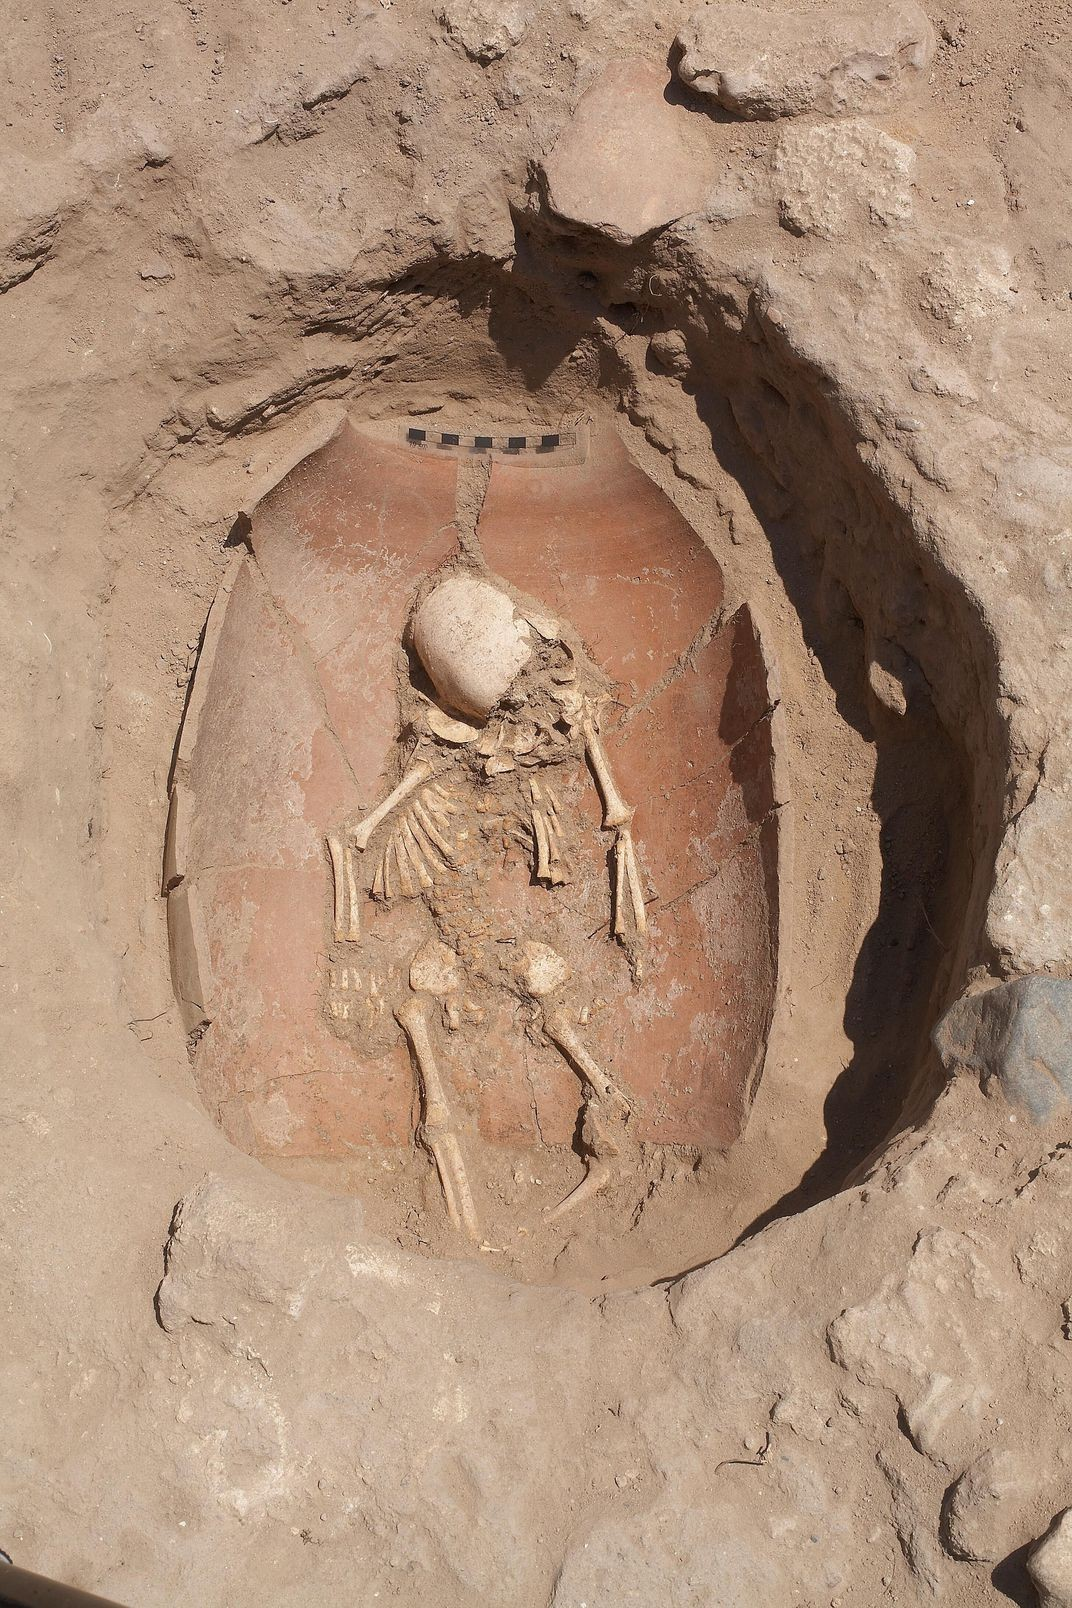 Corpo de uma criança filistéia encontrado em Ascalã. Filisteus cavavam um pequeno buraco e enterravam mortos na própria casa. (Foto: Melissa Aja/Leon Levy Expedition)